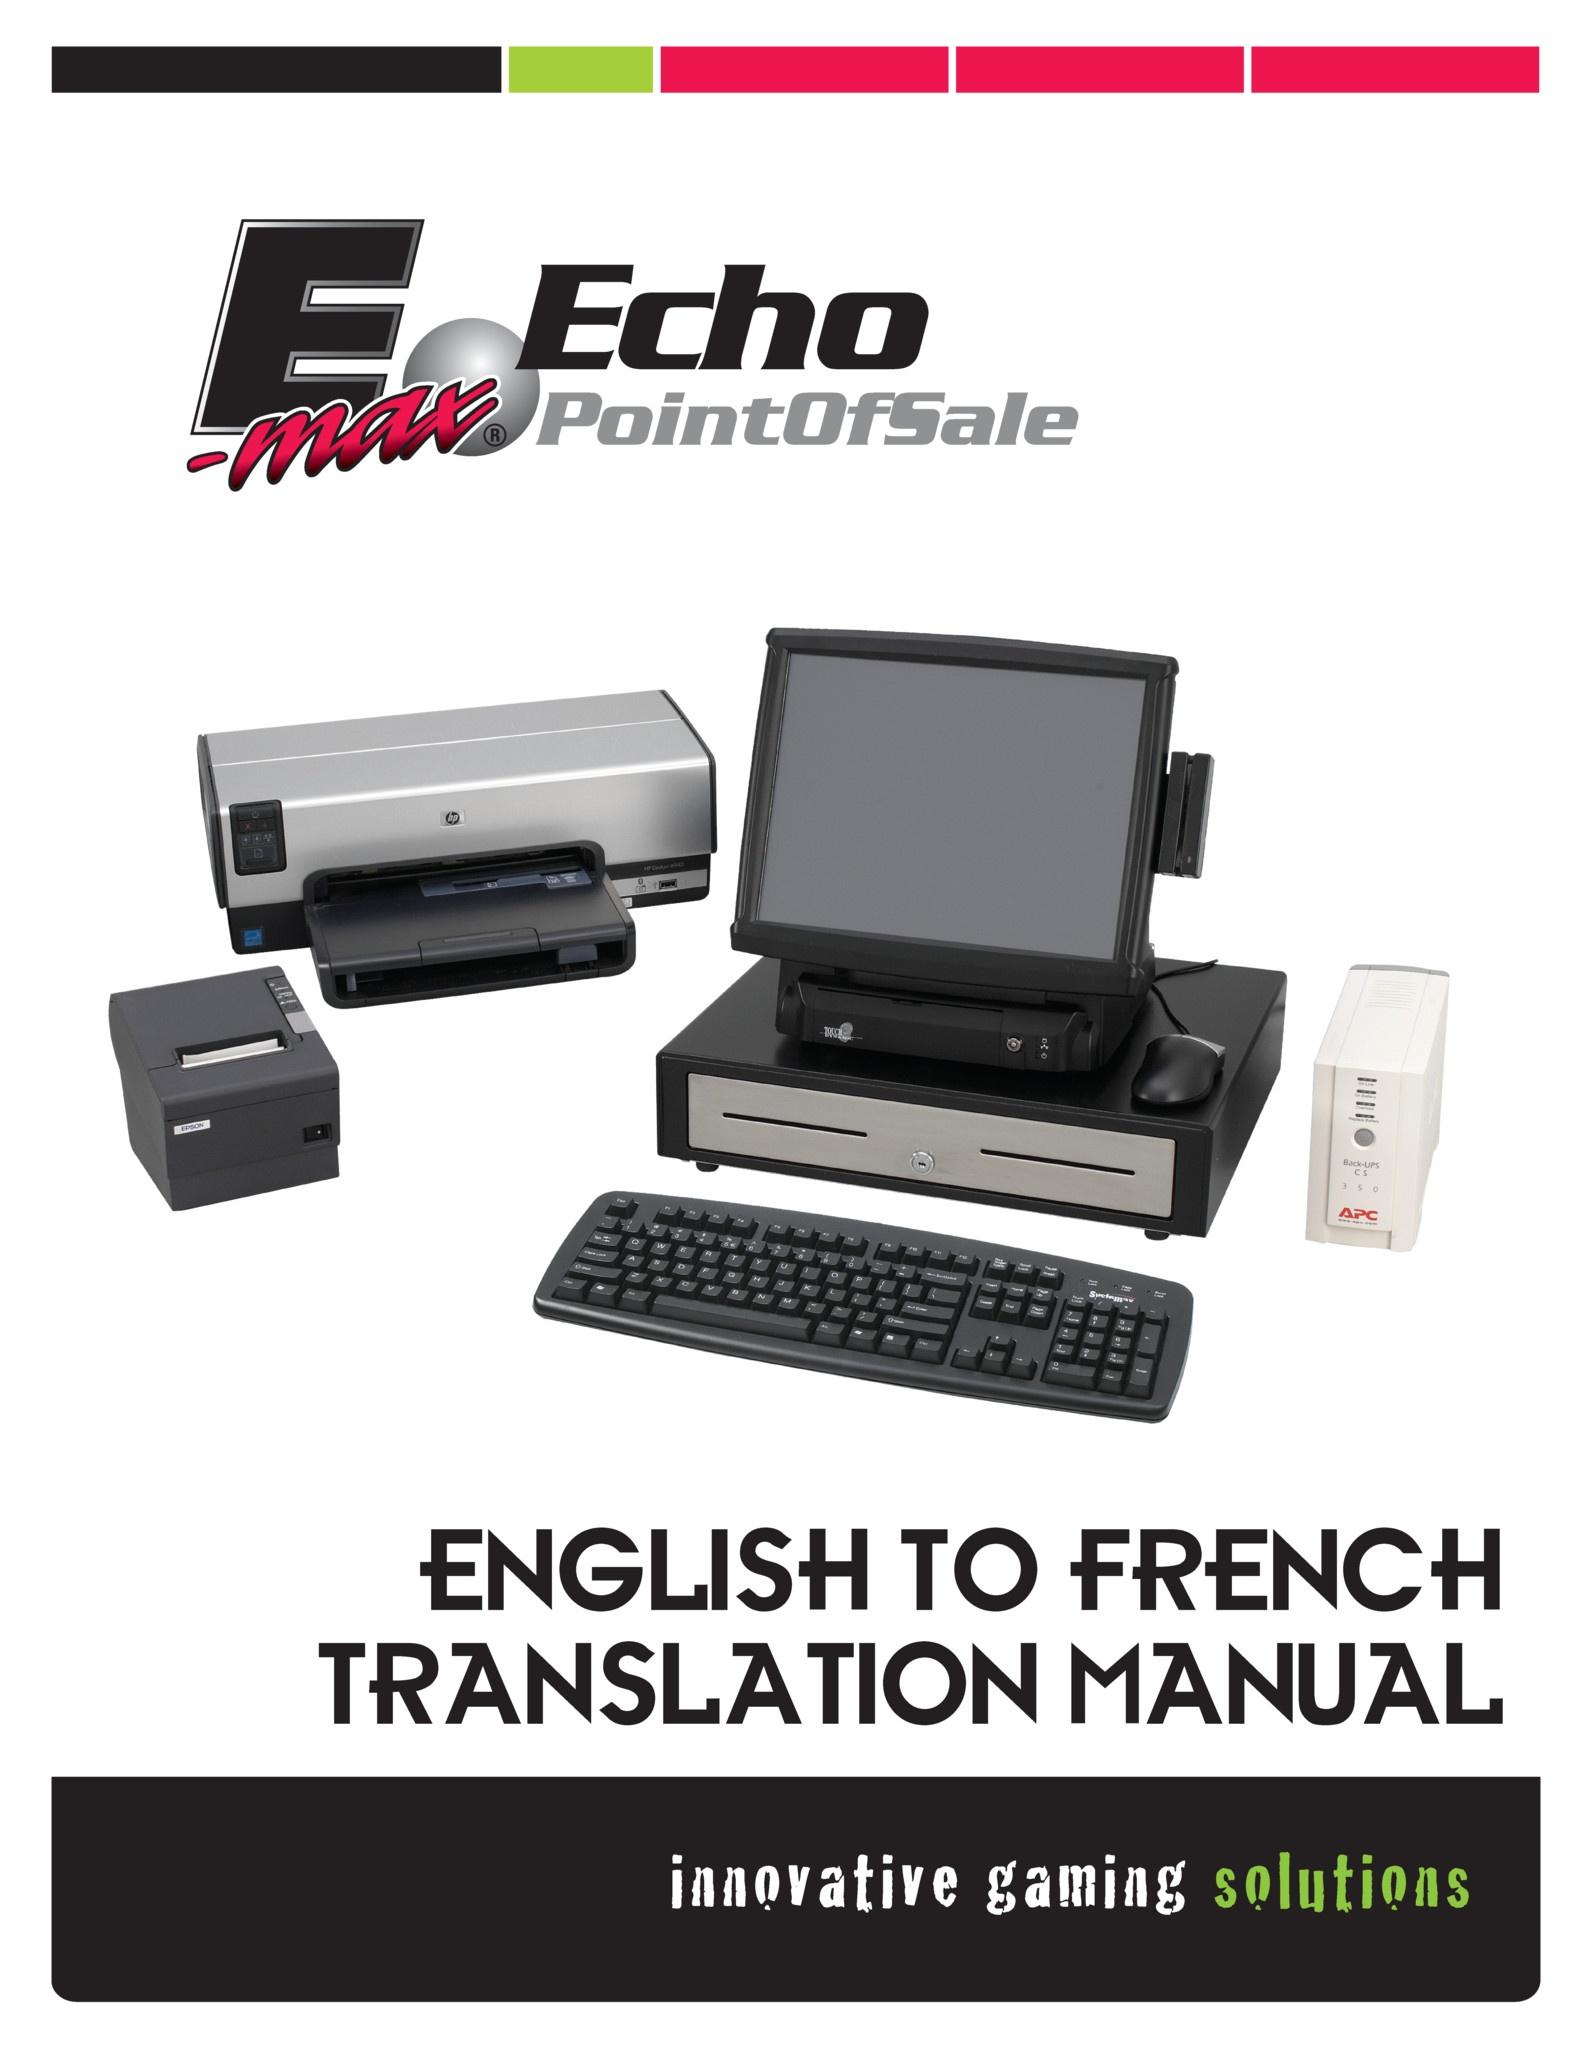 E-max Echo Manual Equipment Manuals